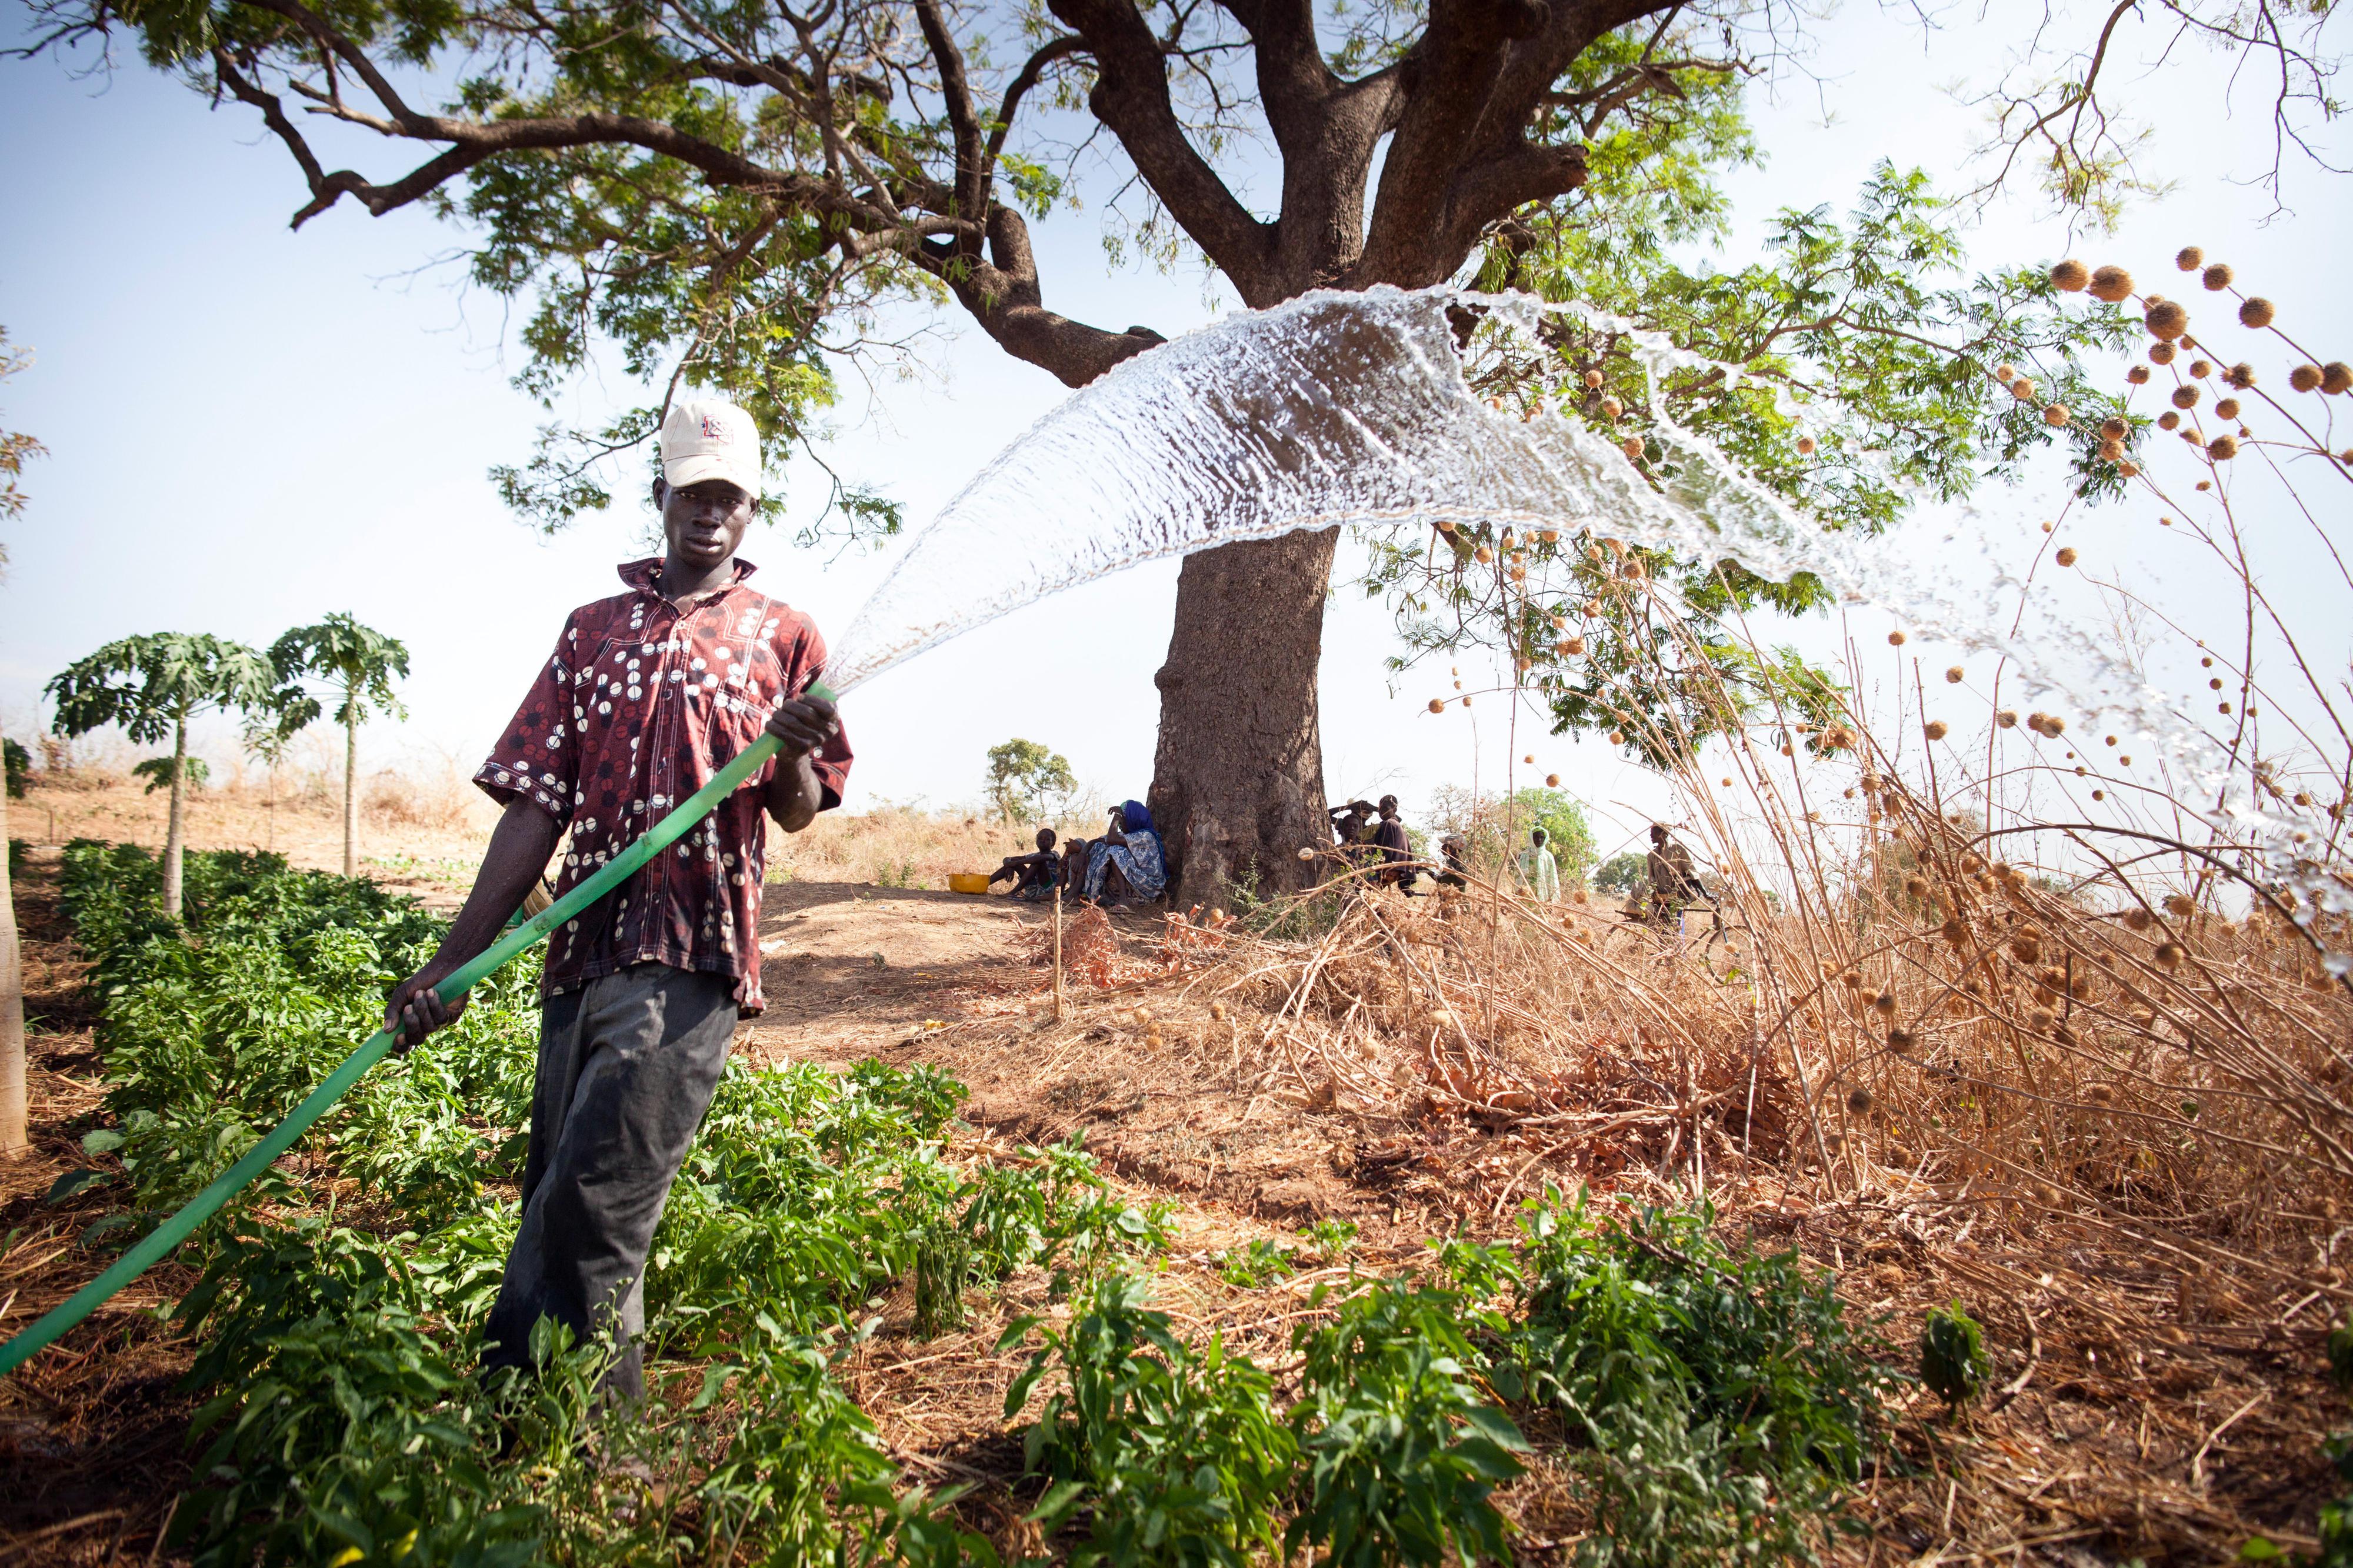 Ein Bauer des Kleinbewässerungsprojekts Beledougou, Mali, bewässert sein Feld.